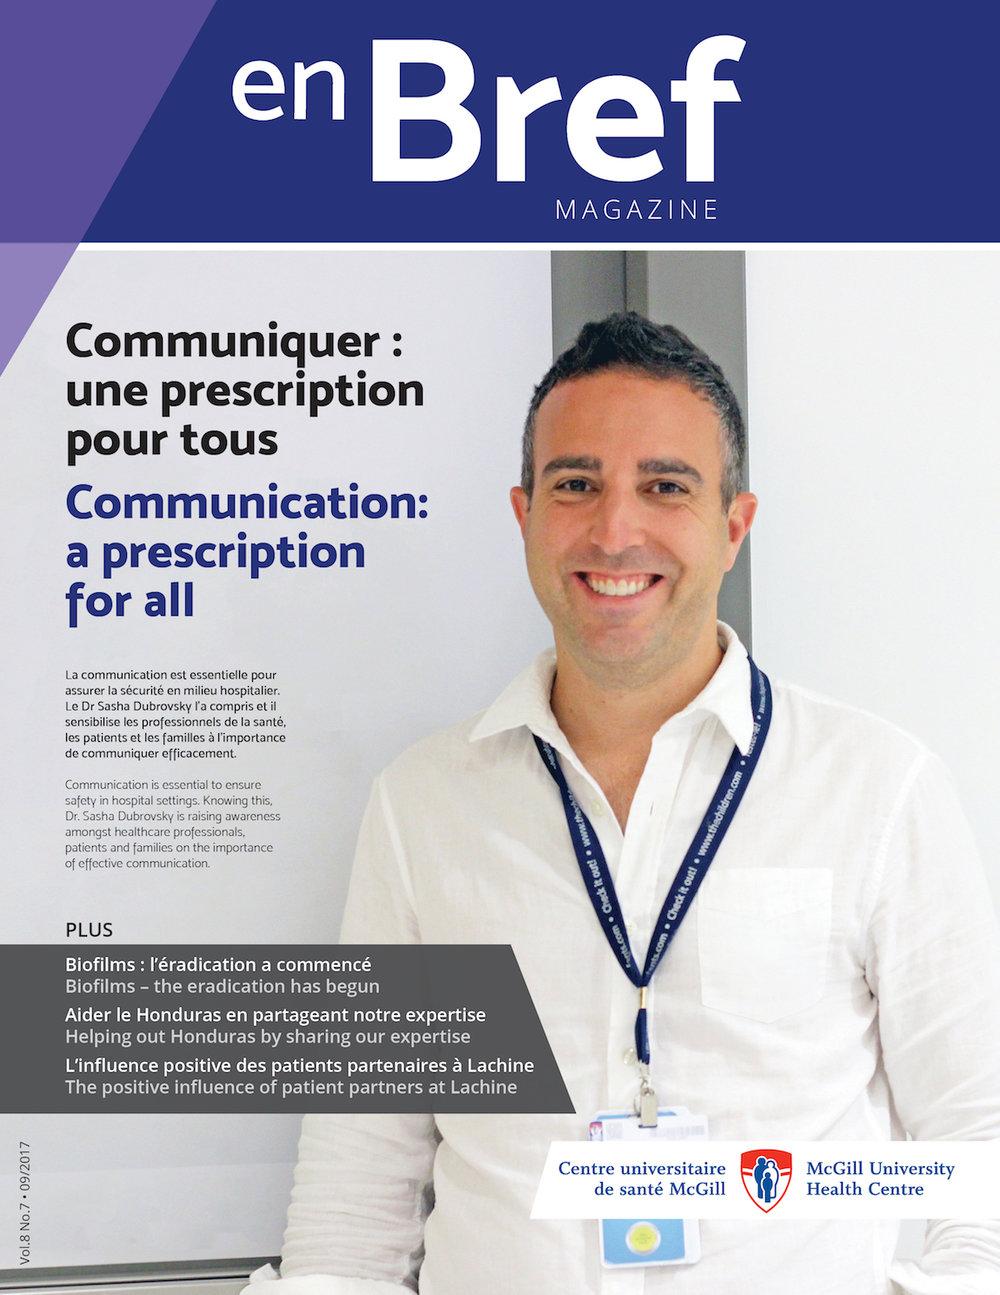 enBref September 2017 cover.jpg